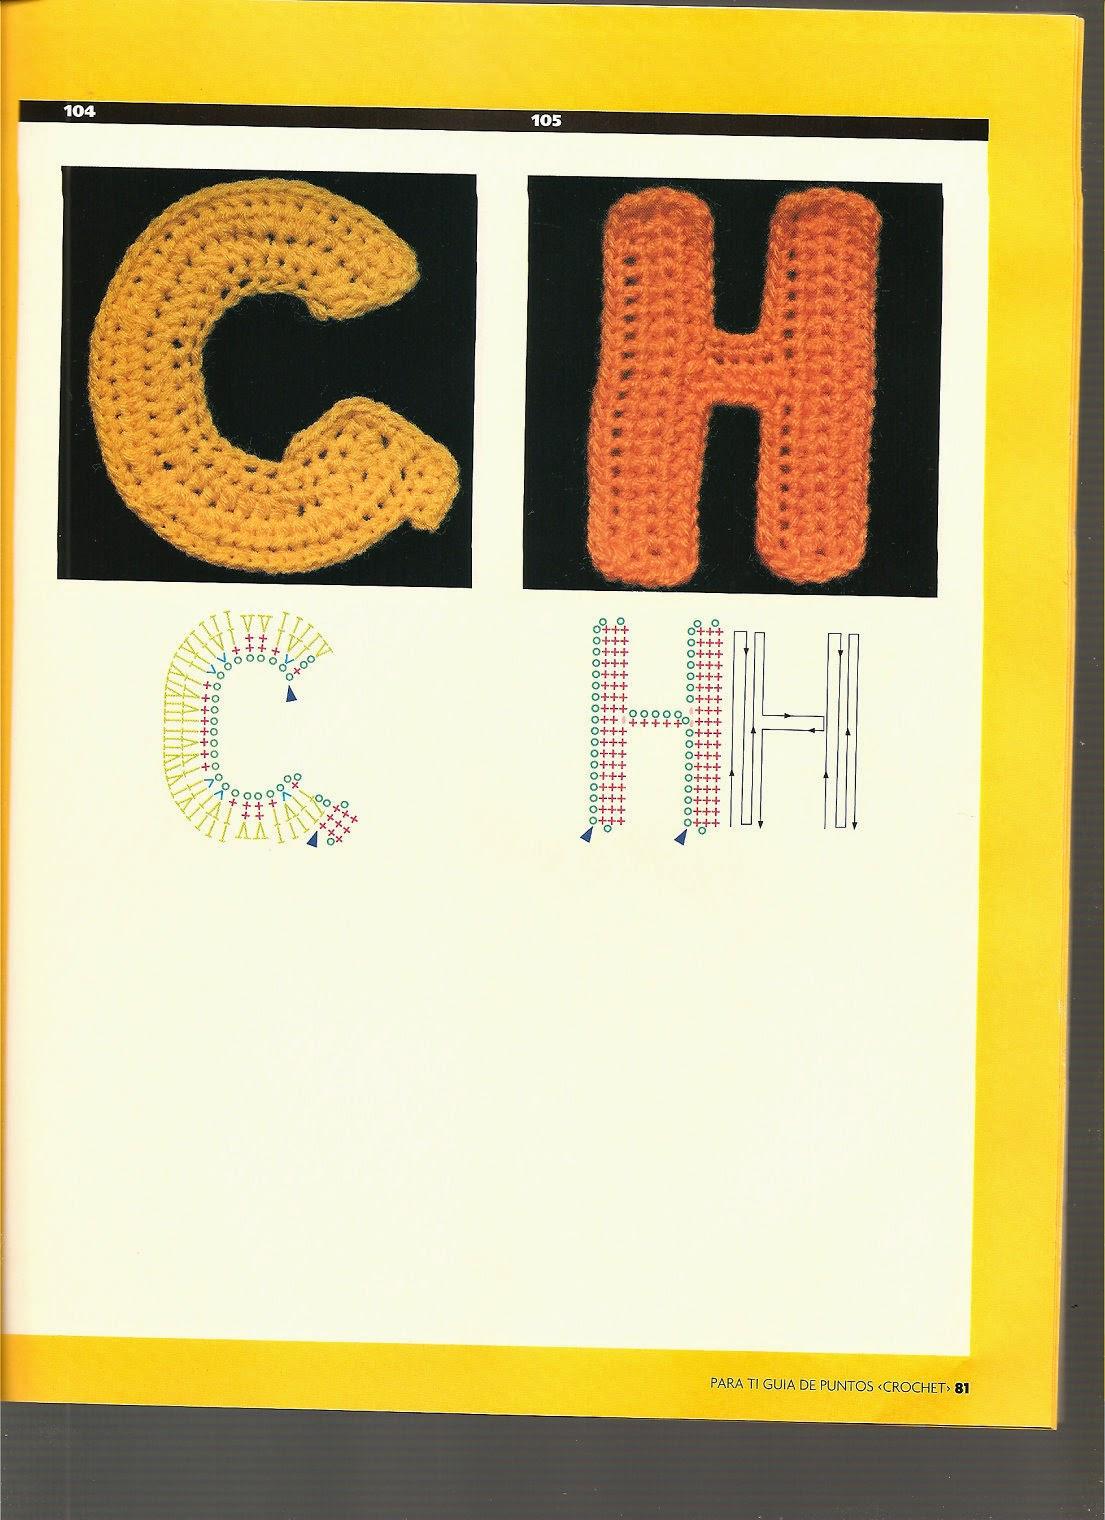 """Letras crochê - Alfabeto crochê ~ """"Crochê da Mimi"""""""